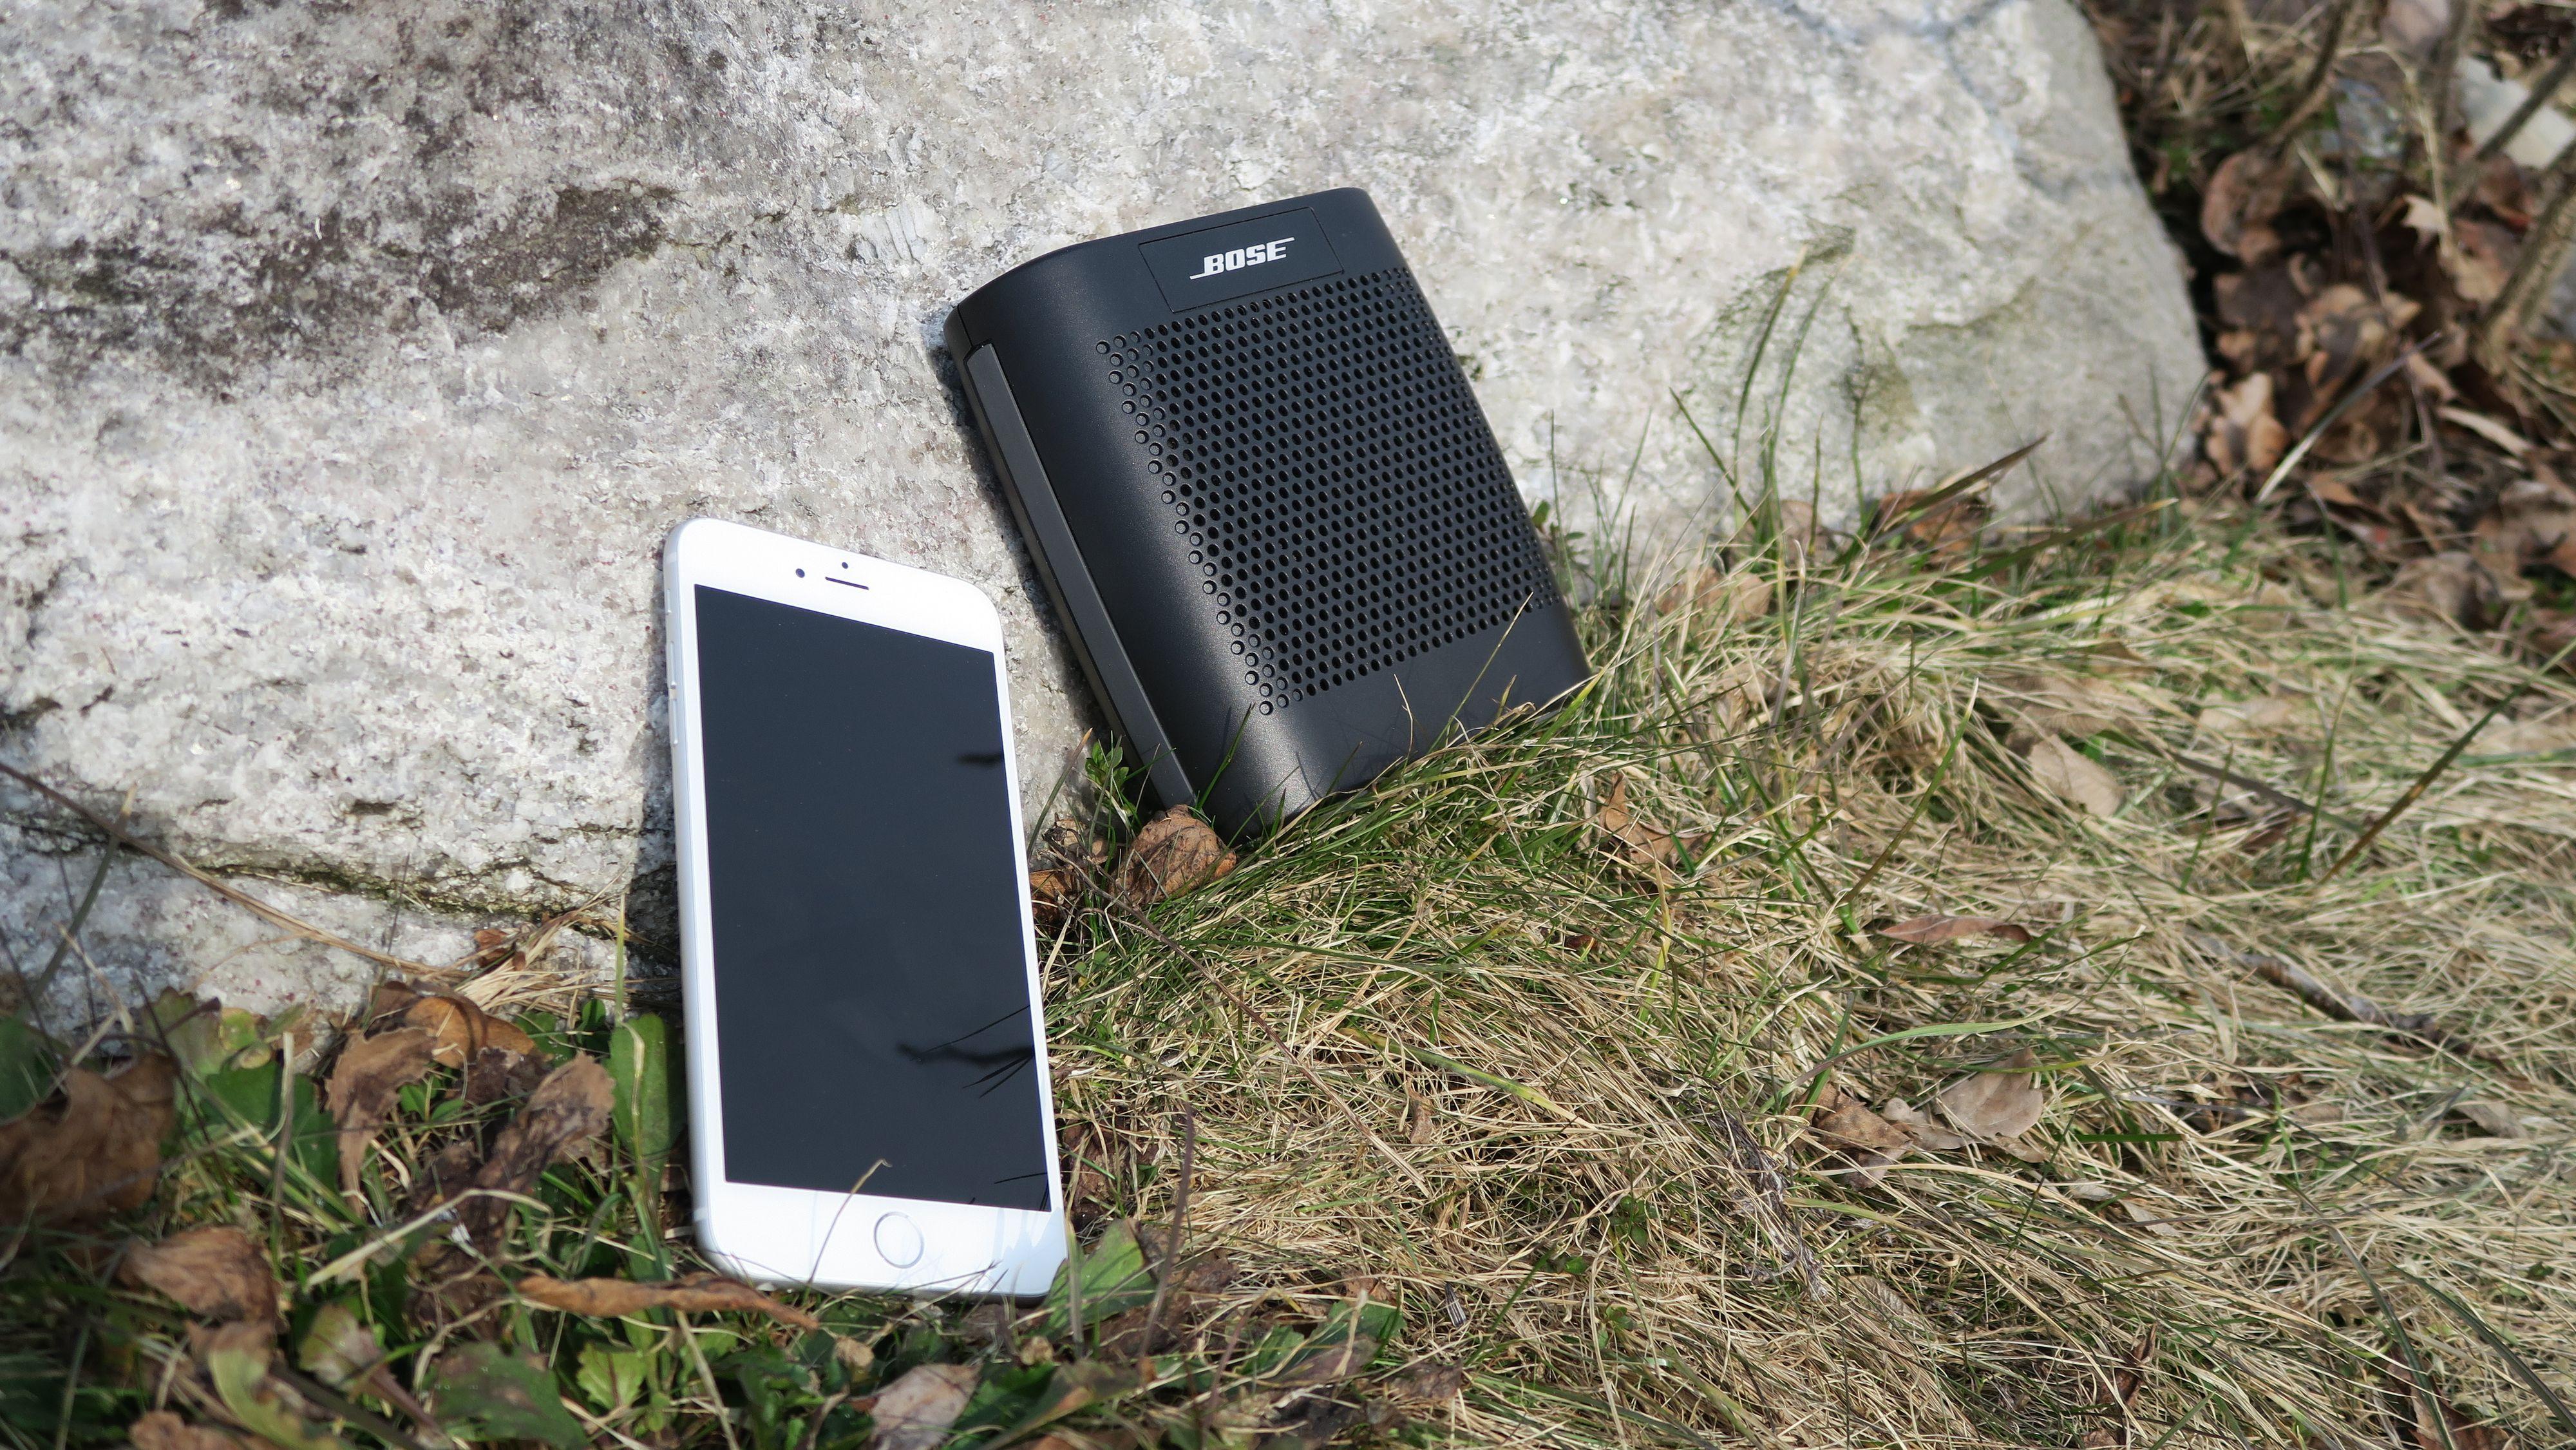 Du kan ta med mobilen et stykke unna høyttaleren uten at signalet forstyrres. Foto: Ole Henrik Johansen / Tek.no